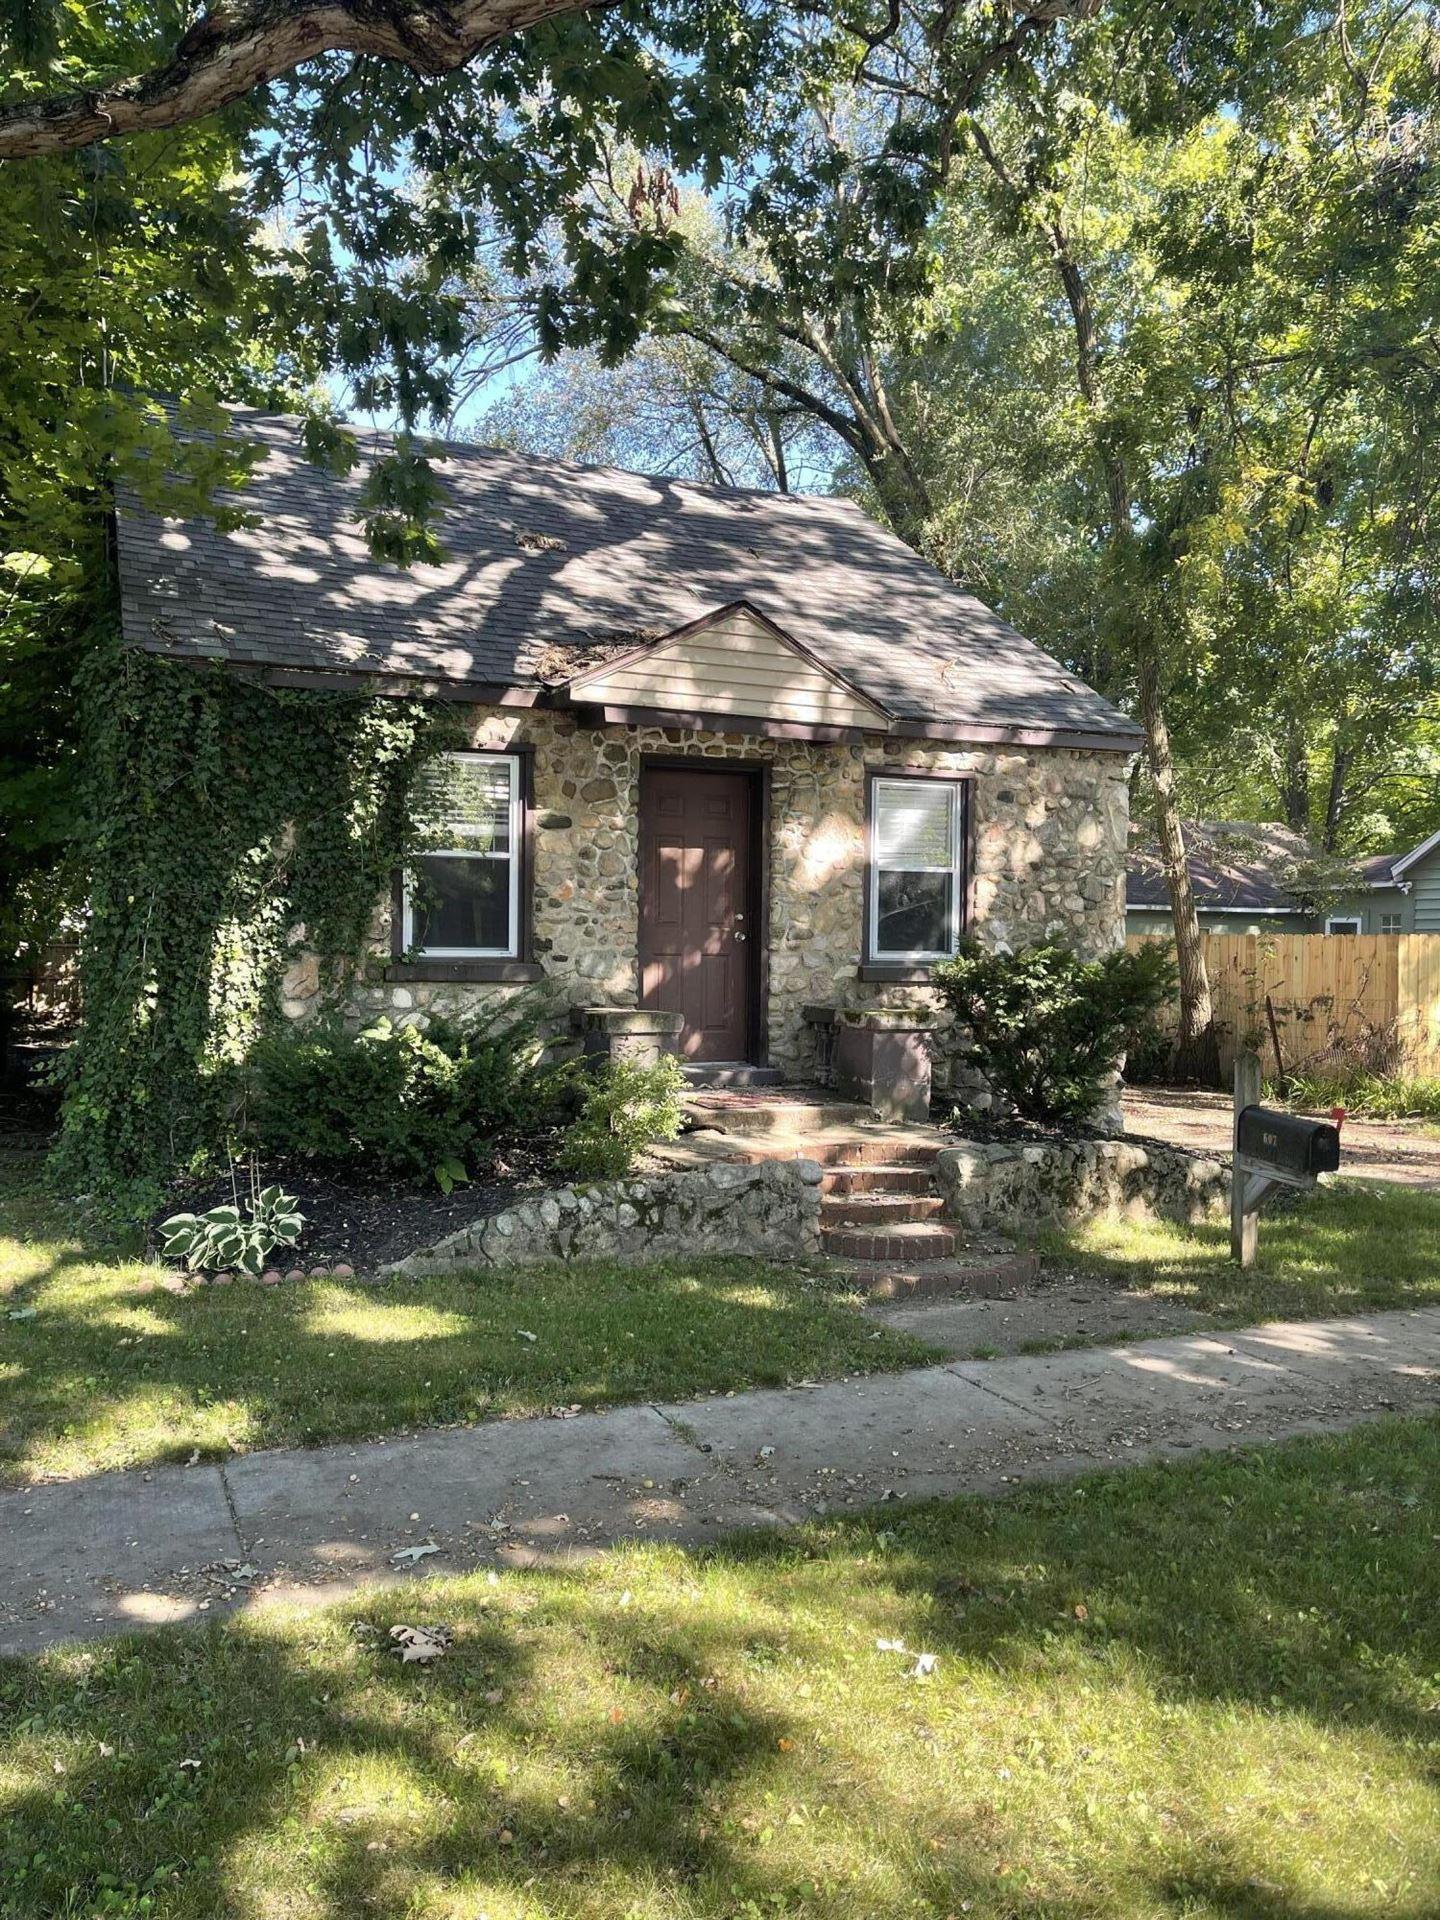 607 Oak st Street, Three Rivers, MI 49093 - MLS#: 21106183